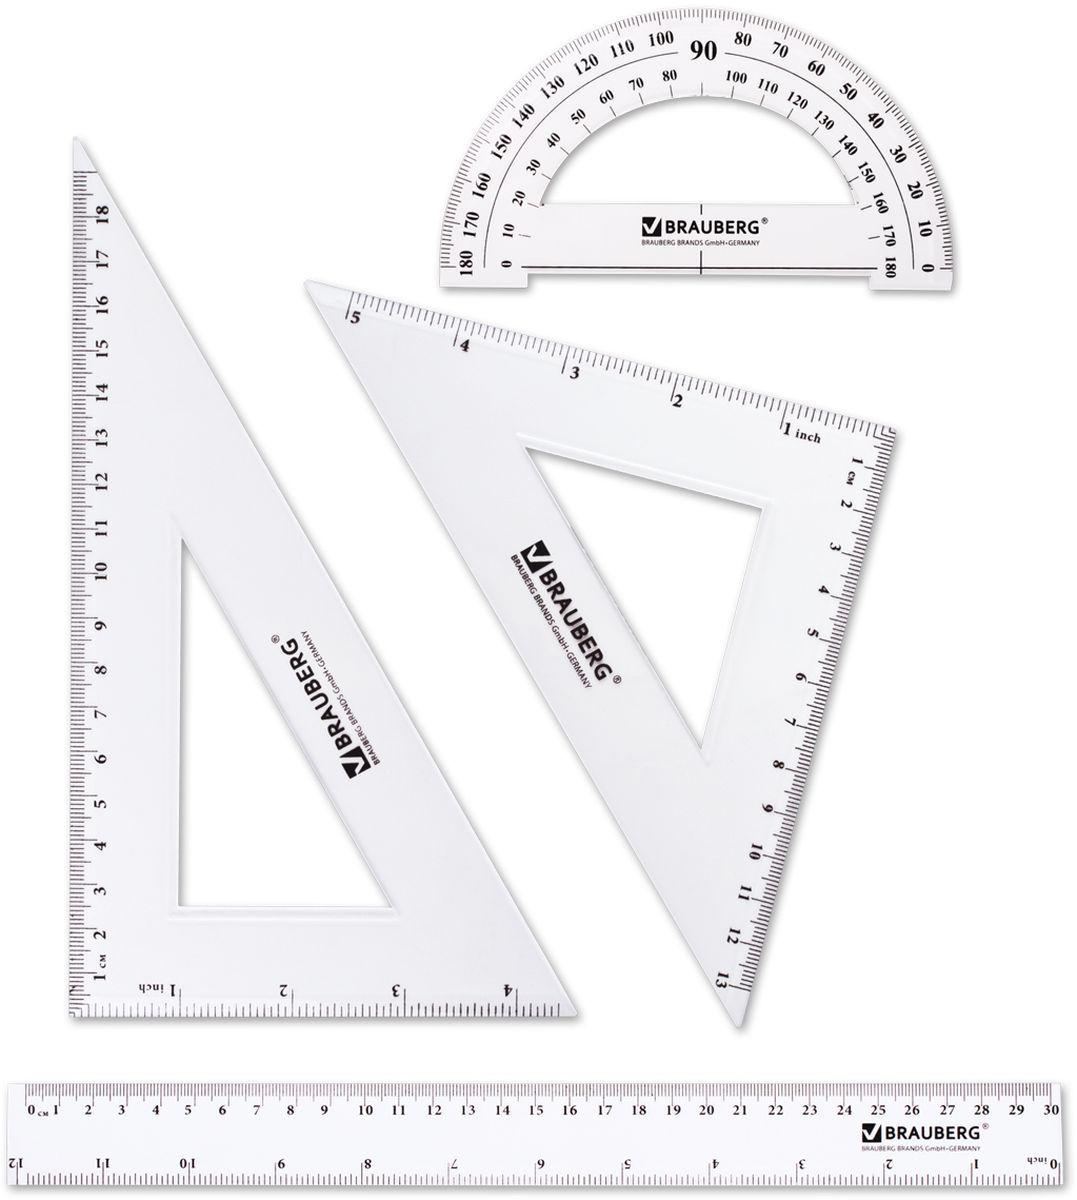 Brauberg Набор чертежный 4 предмета 210308CPM236_зеленыйНабор геометрический Brauberg из прозрачного, прочного пластика толщиной 2 мм. Предназначен для чертёжных работ.Набор включает в себя четыре предмета: линейка со шкалами 30 см/12, треугольник с углами 30°/60° и шкалами 19 см/4, треугольник с углами 45°/45° и шкалами 13 см/5, транспортир 180°.